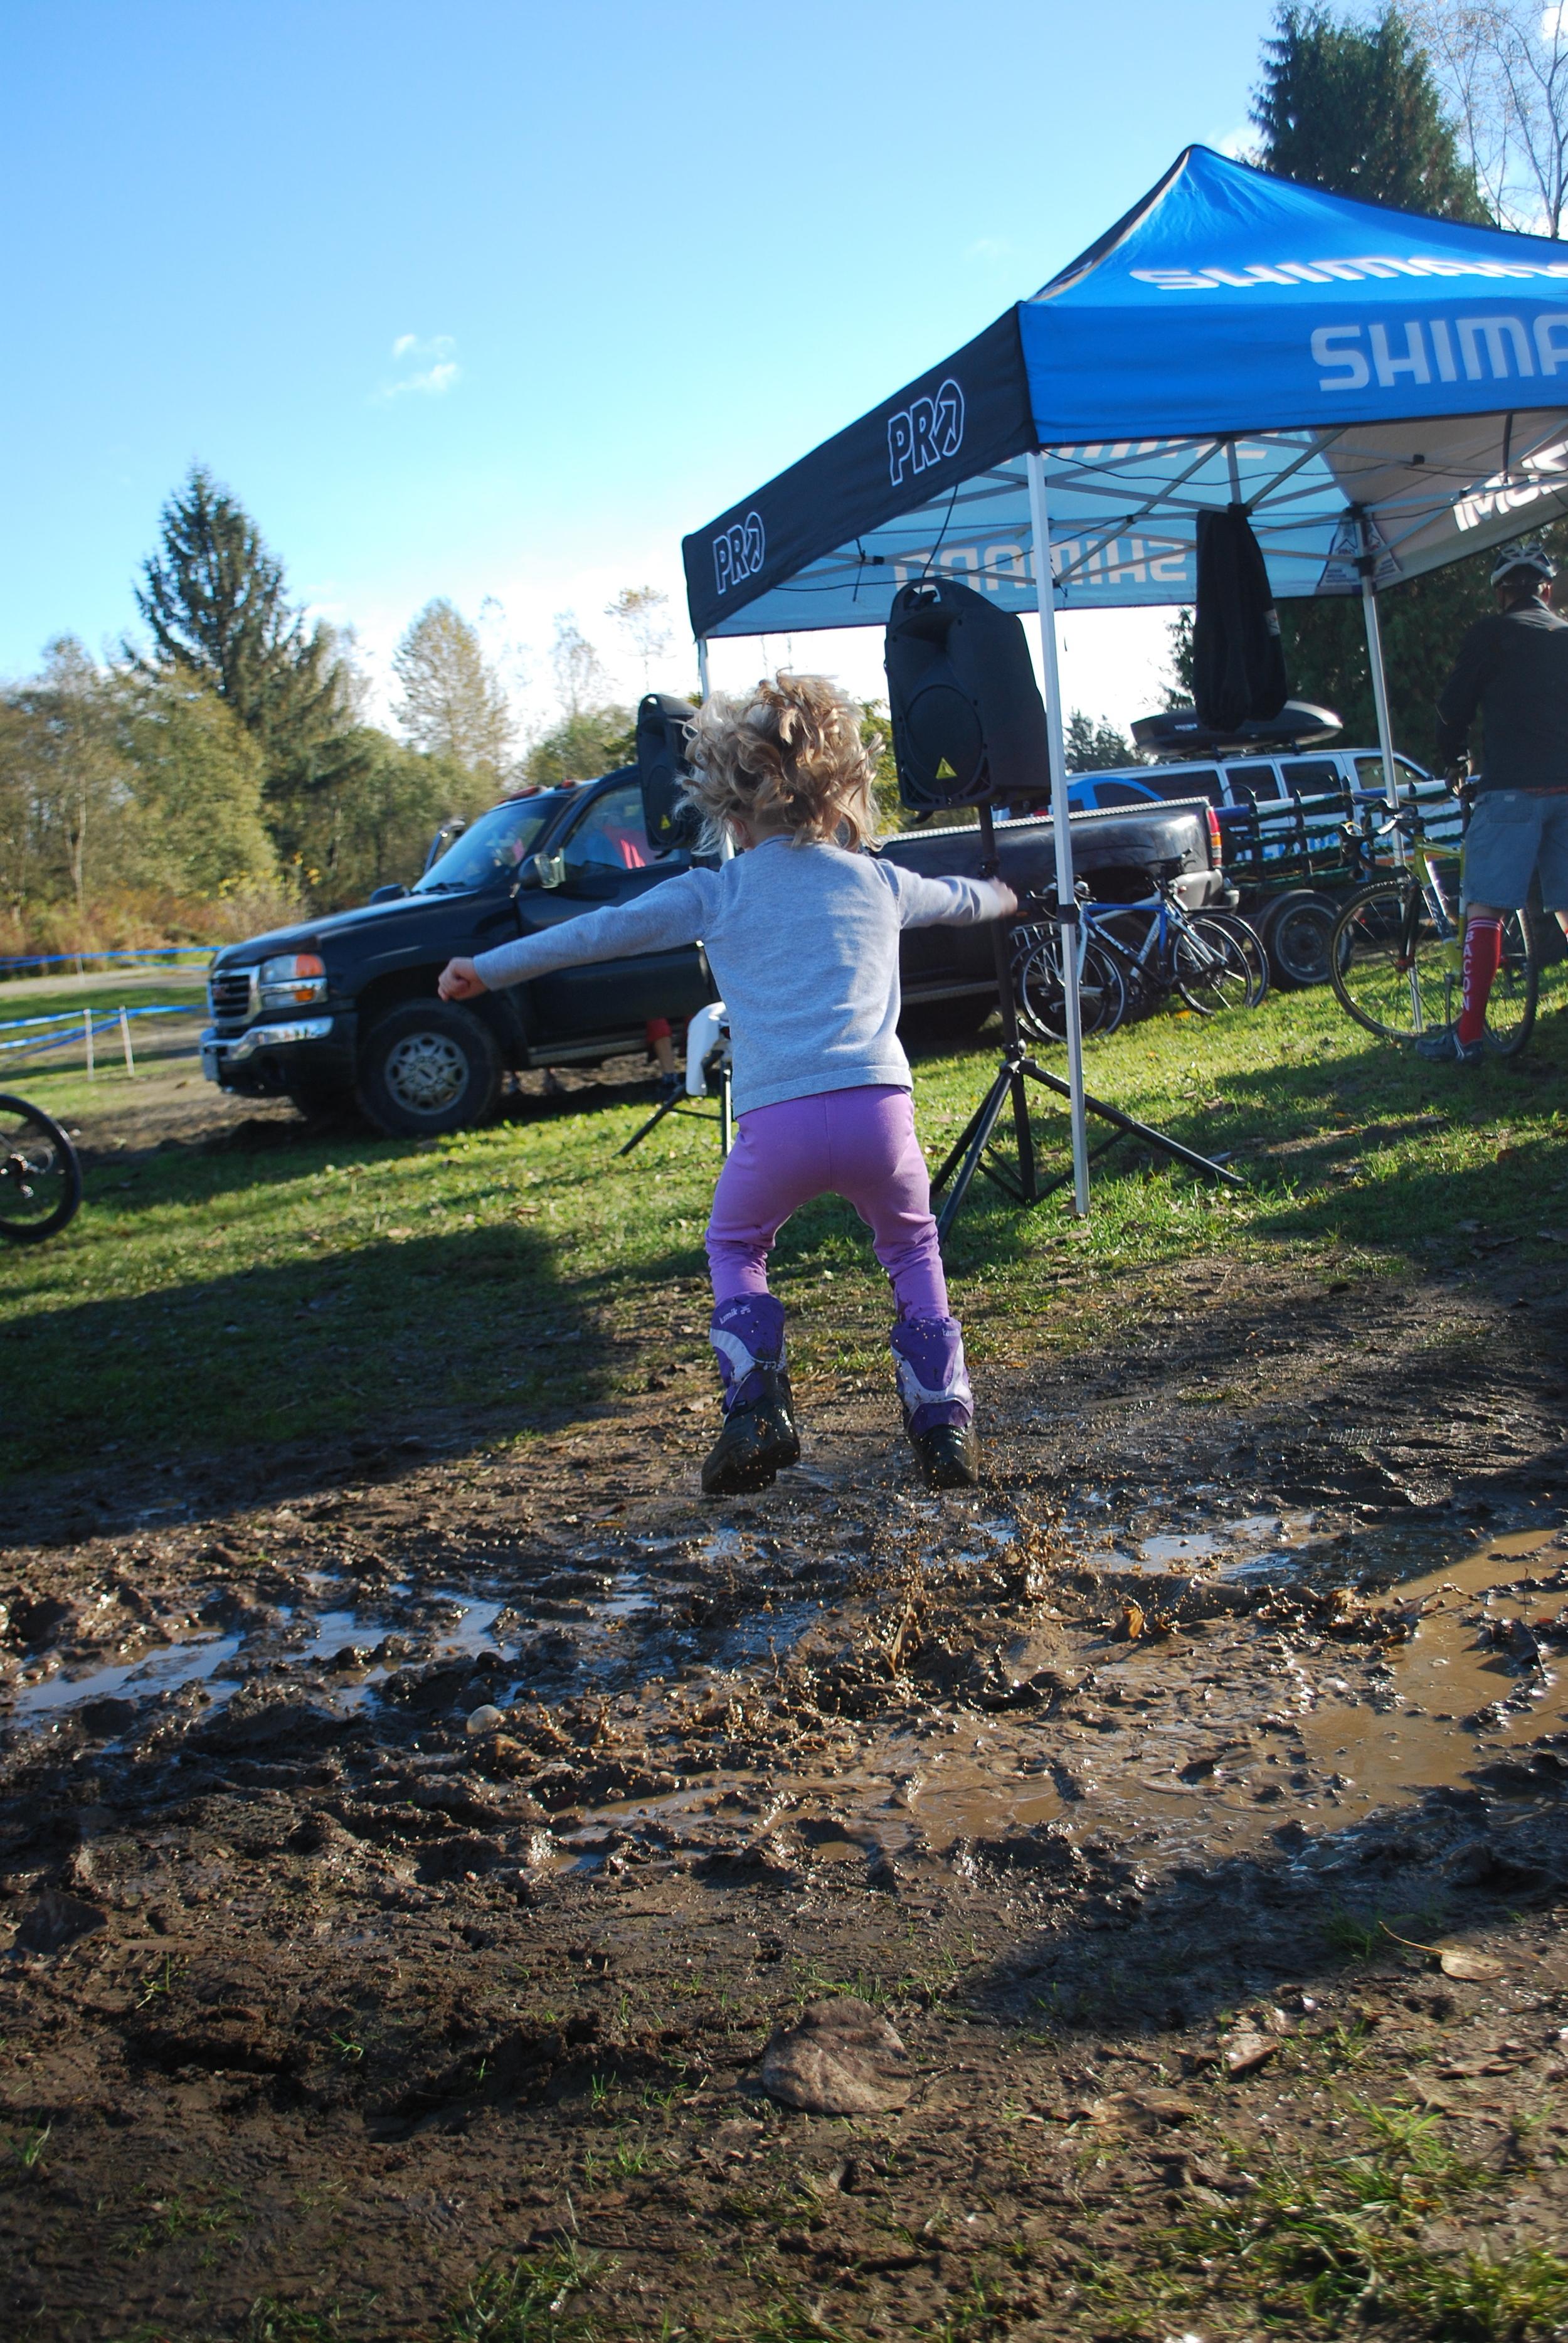 mud fun, in the sun